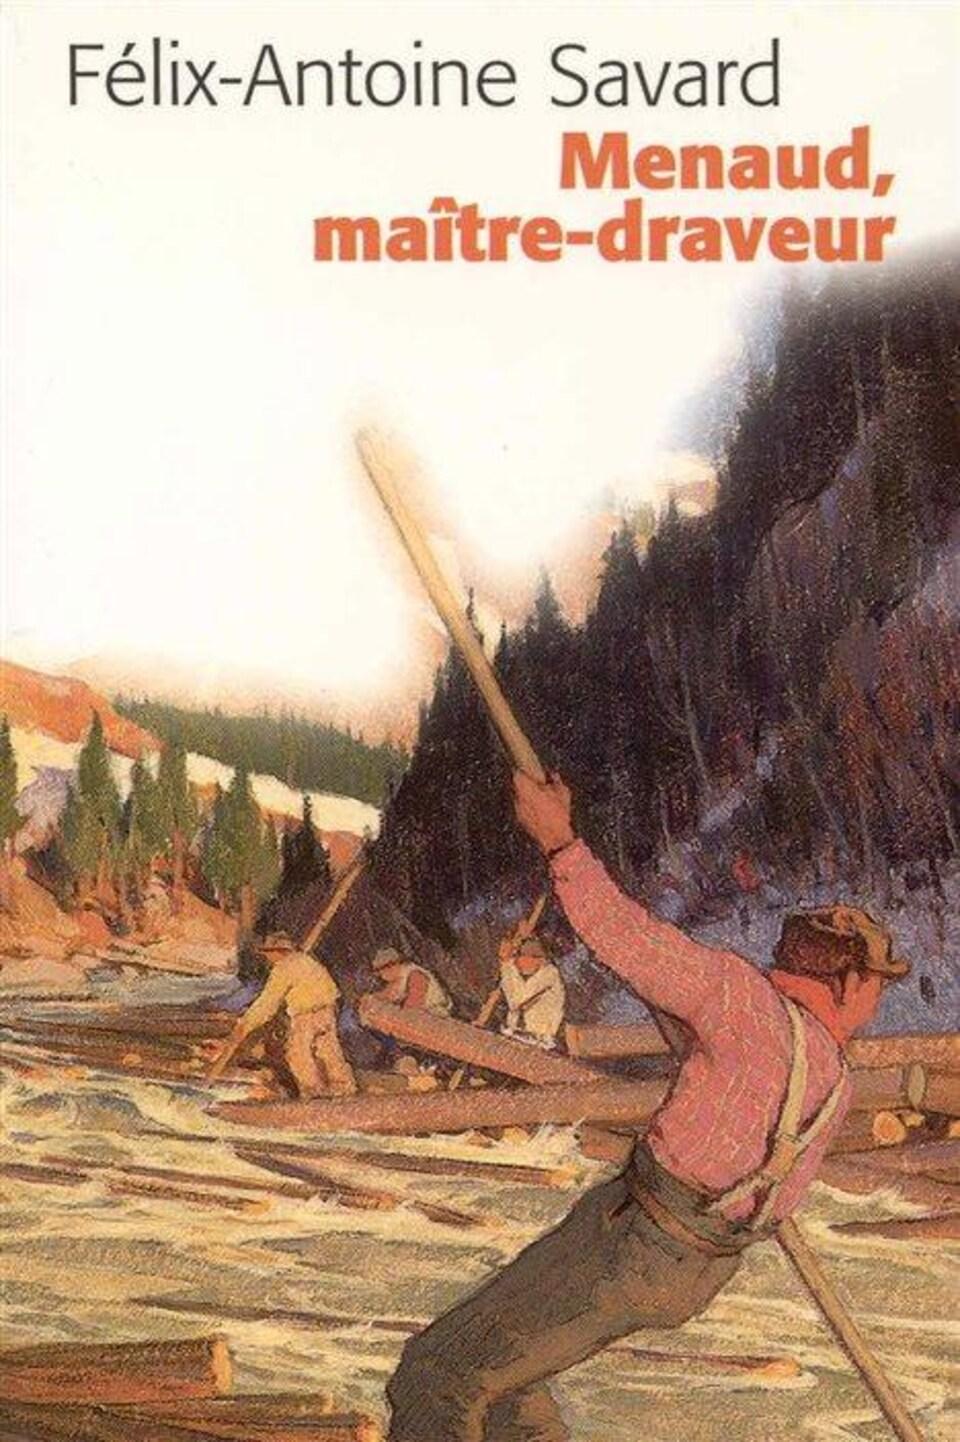 Détail de la couverture de «Menaud, maître-draveur» de Félix-Antoine Savard